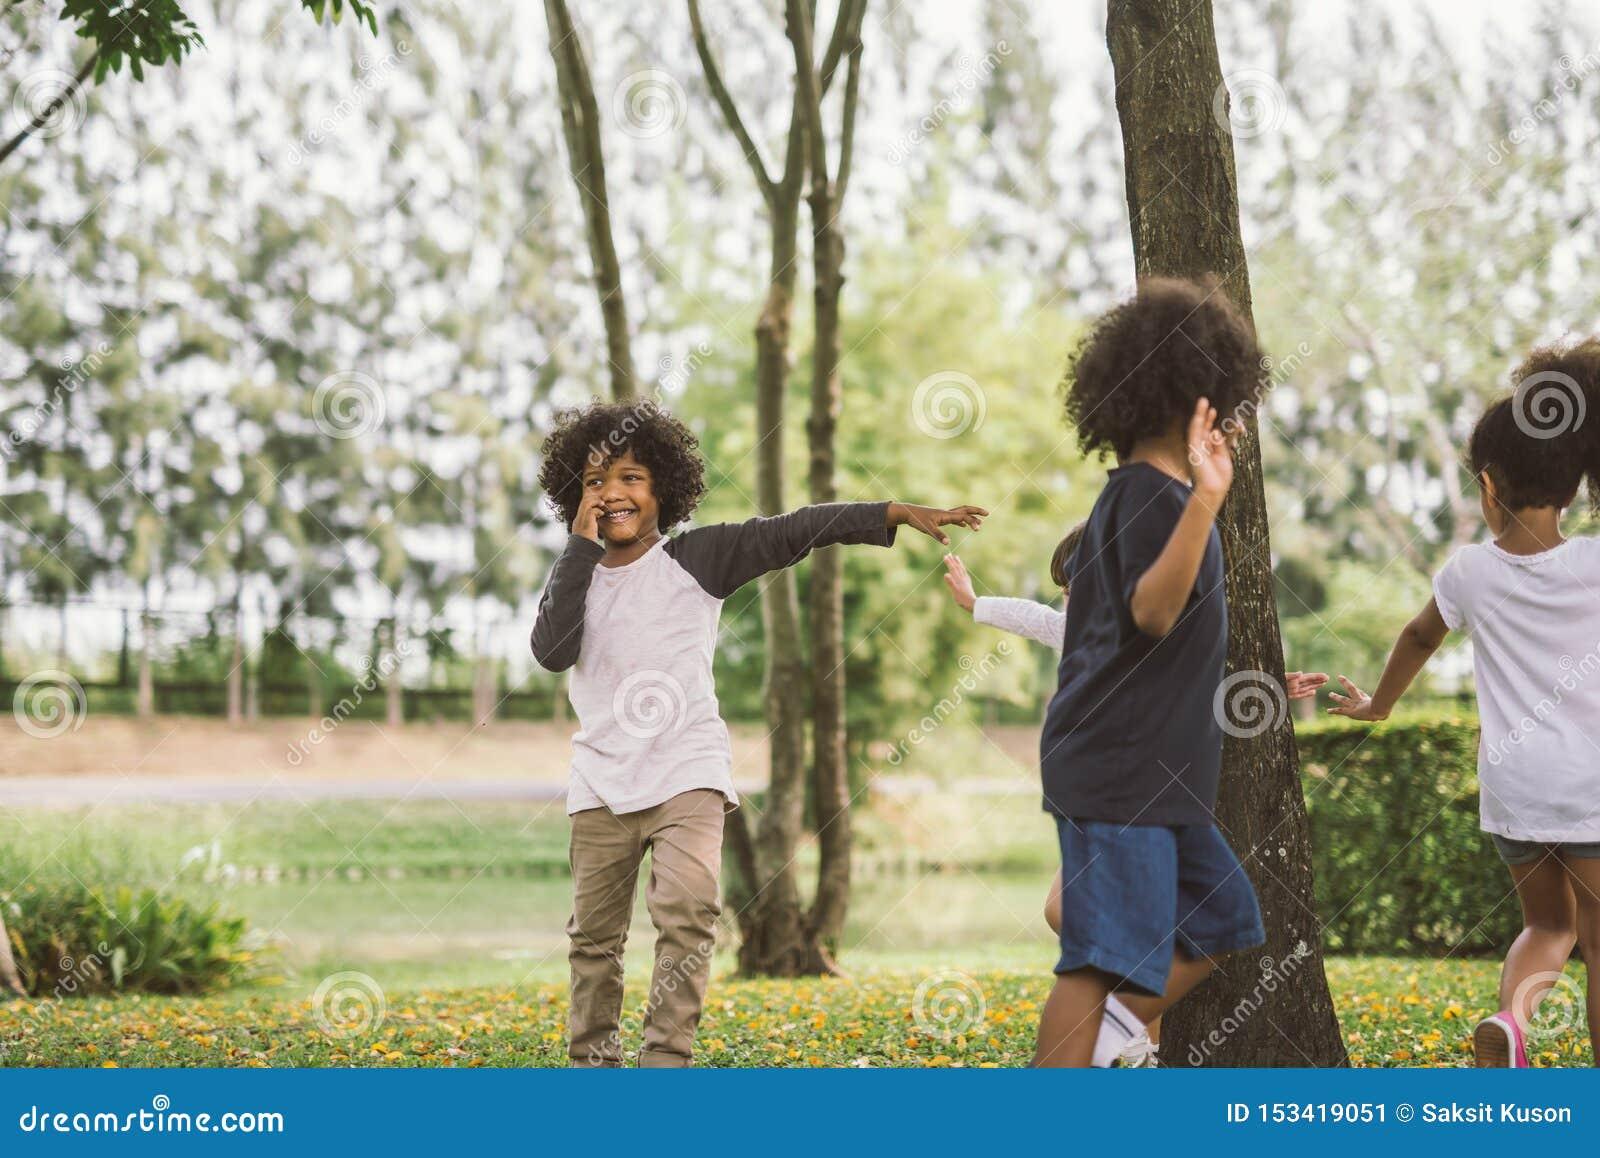 Crian?as que jogam fora com amigos jogo de crian?as pequenas no parque natural